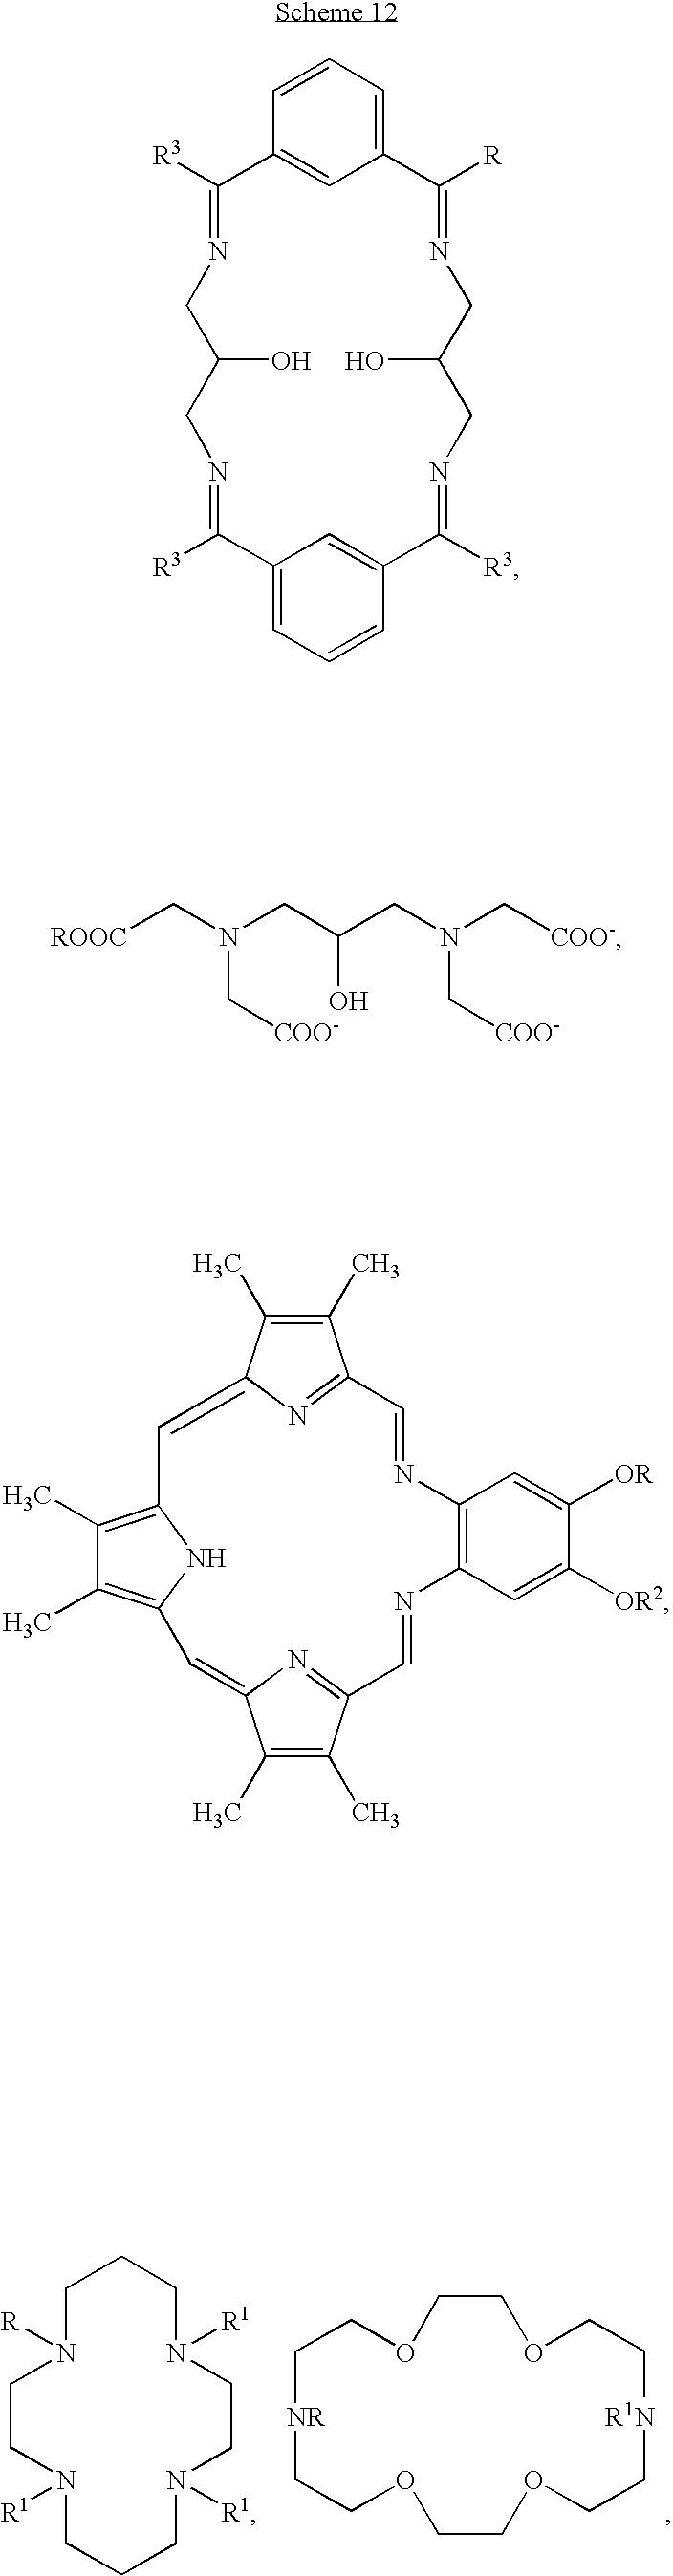 Figure US07786292-20100831-C00017